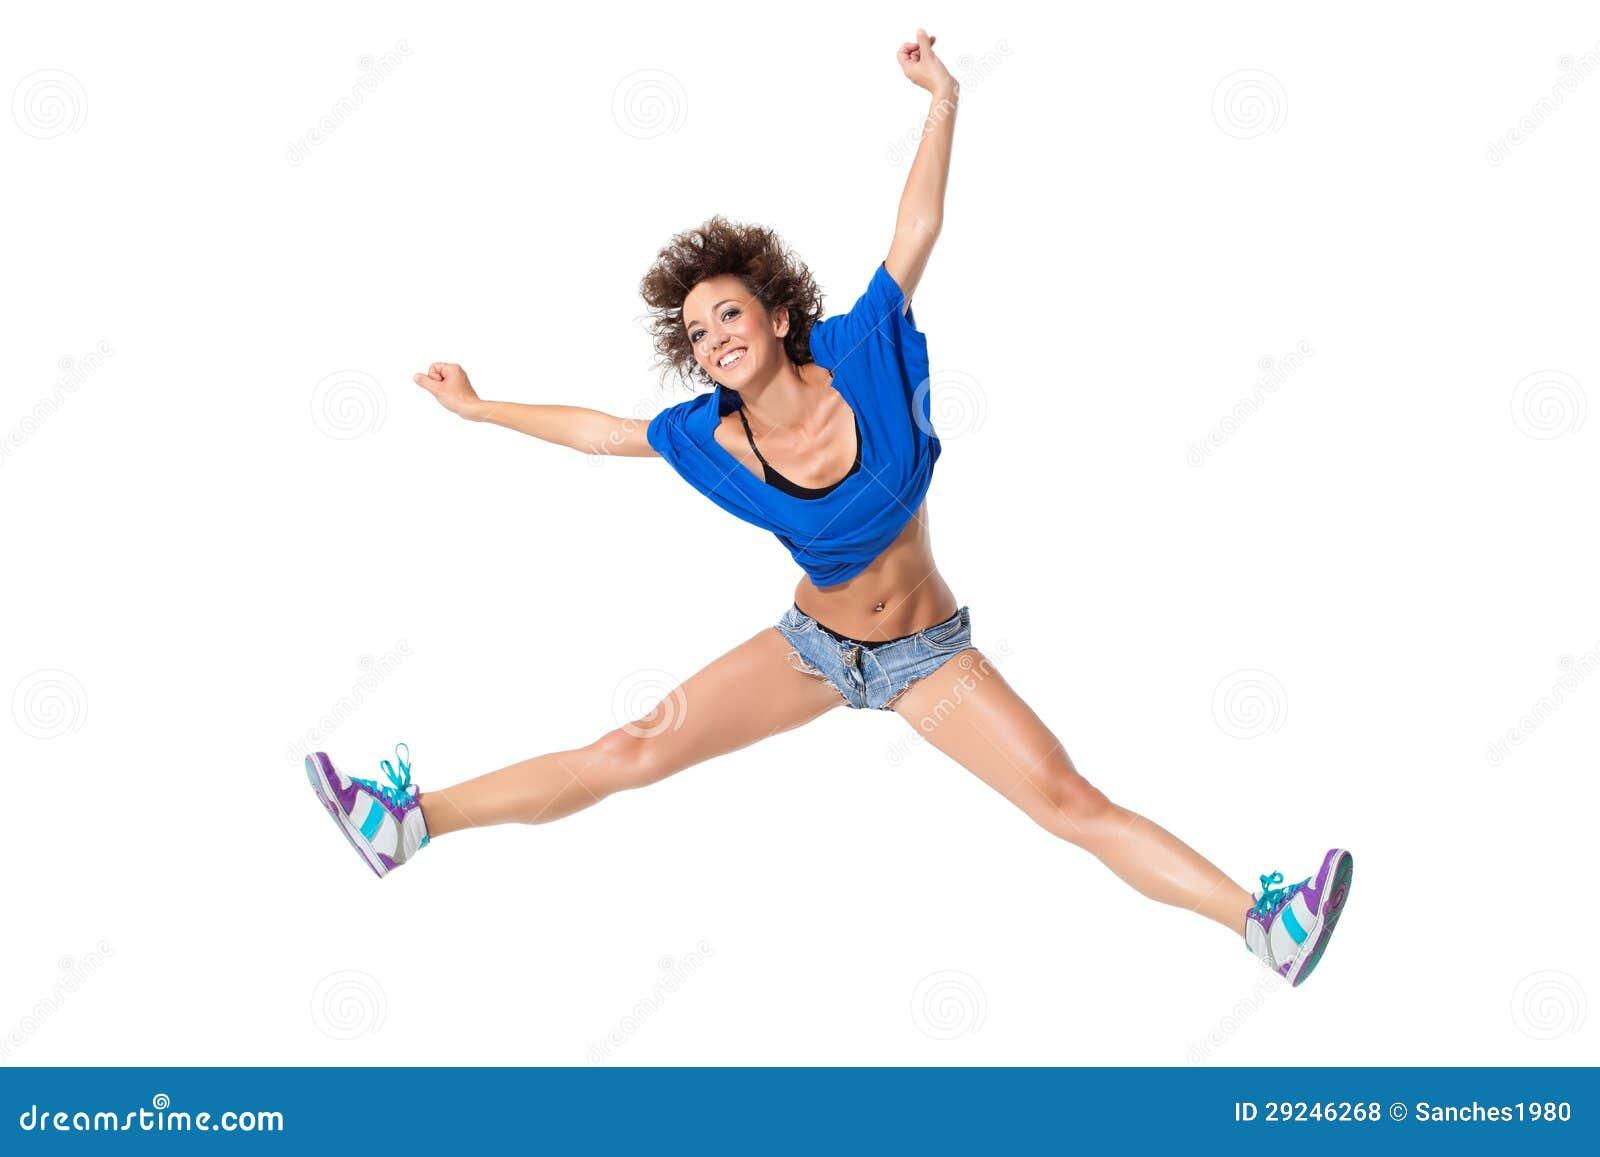 Download O dançarino foto de stock. Imagem de grace, elegance - 29246268